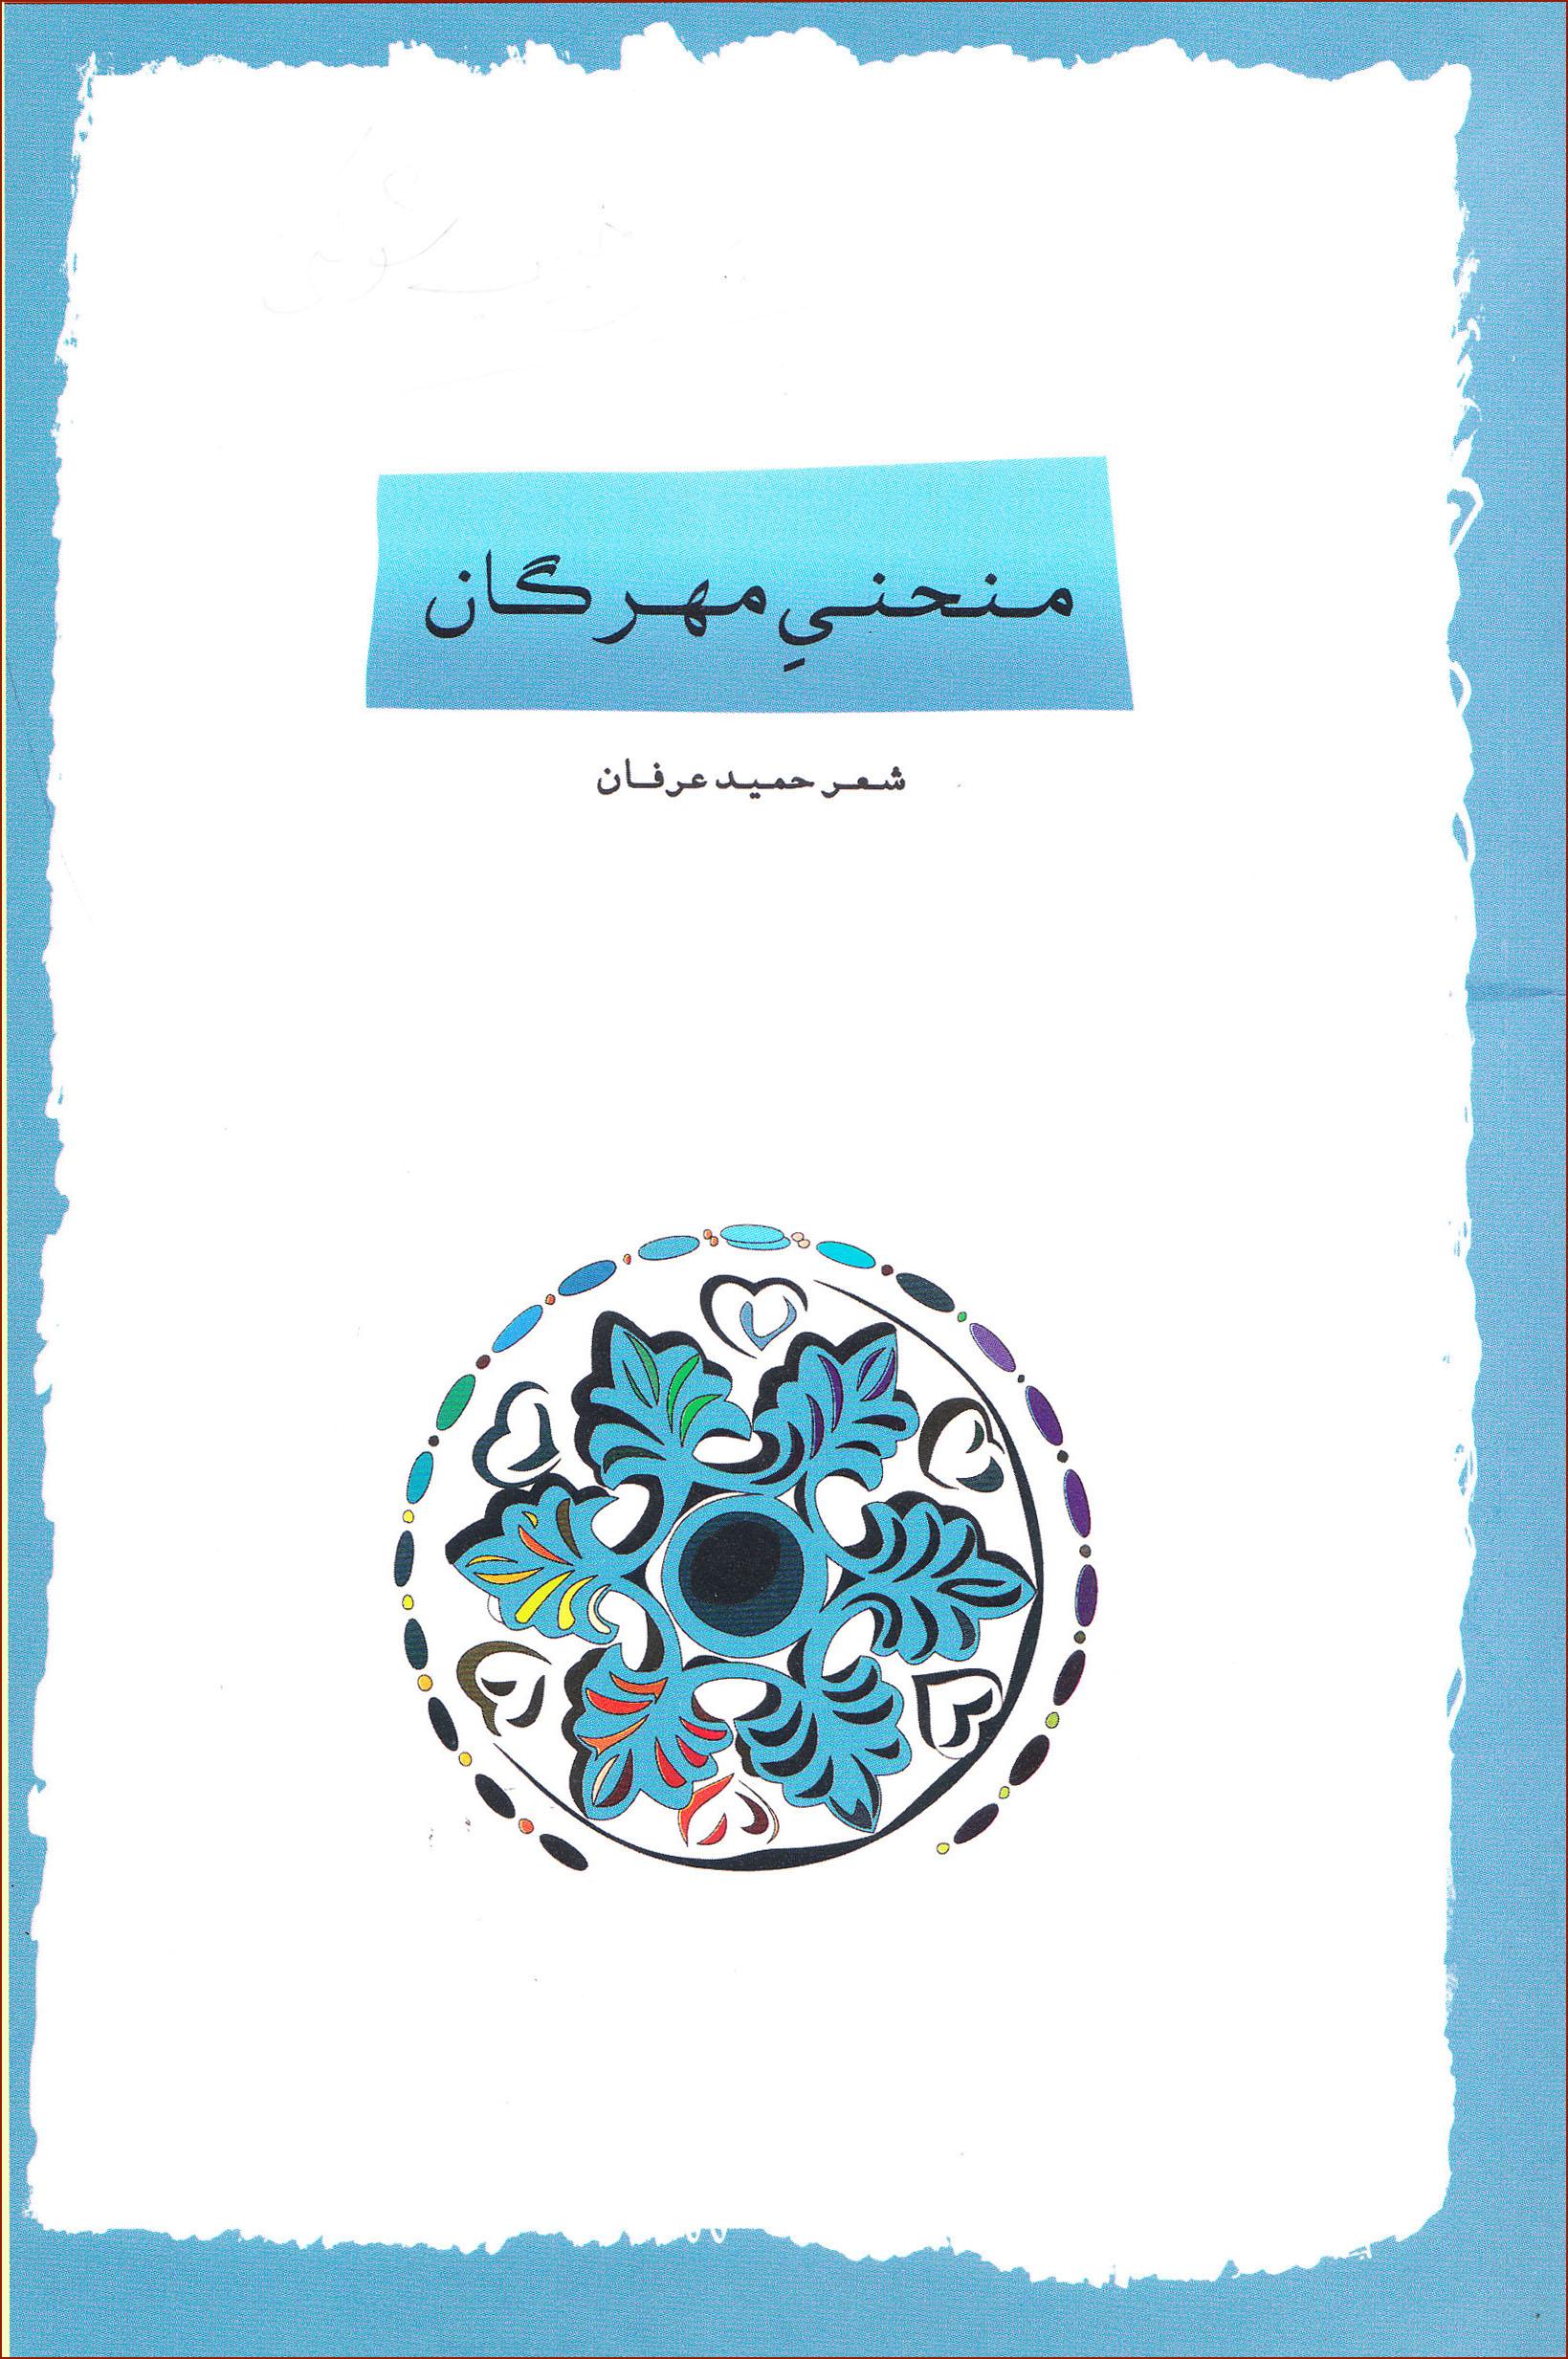 منحنی مهرگان - حمید عرفان